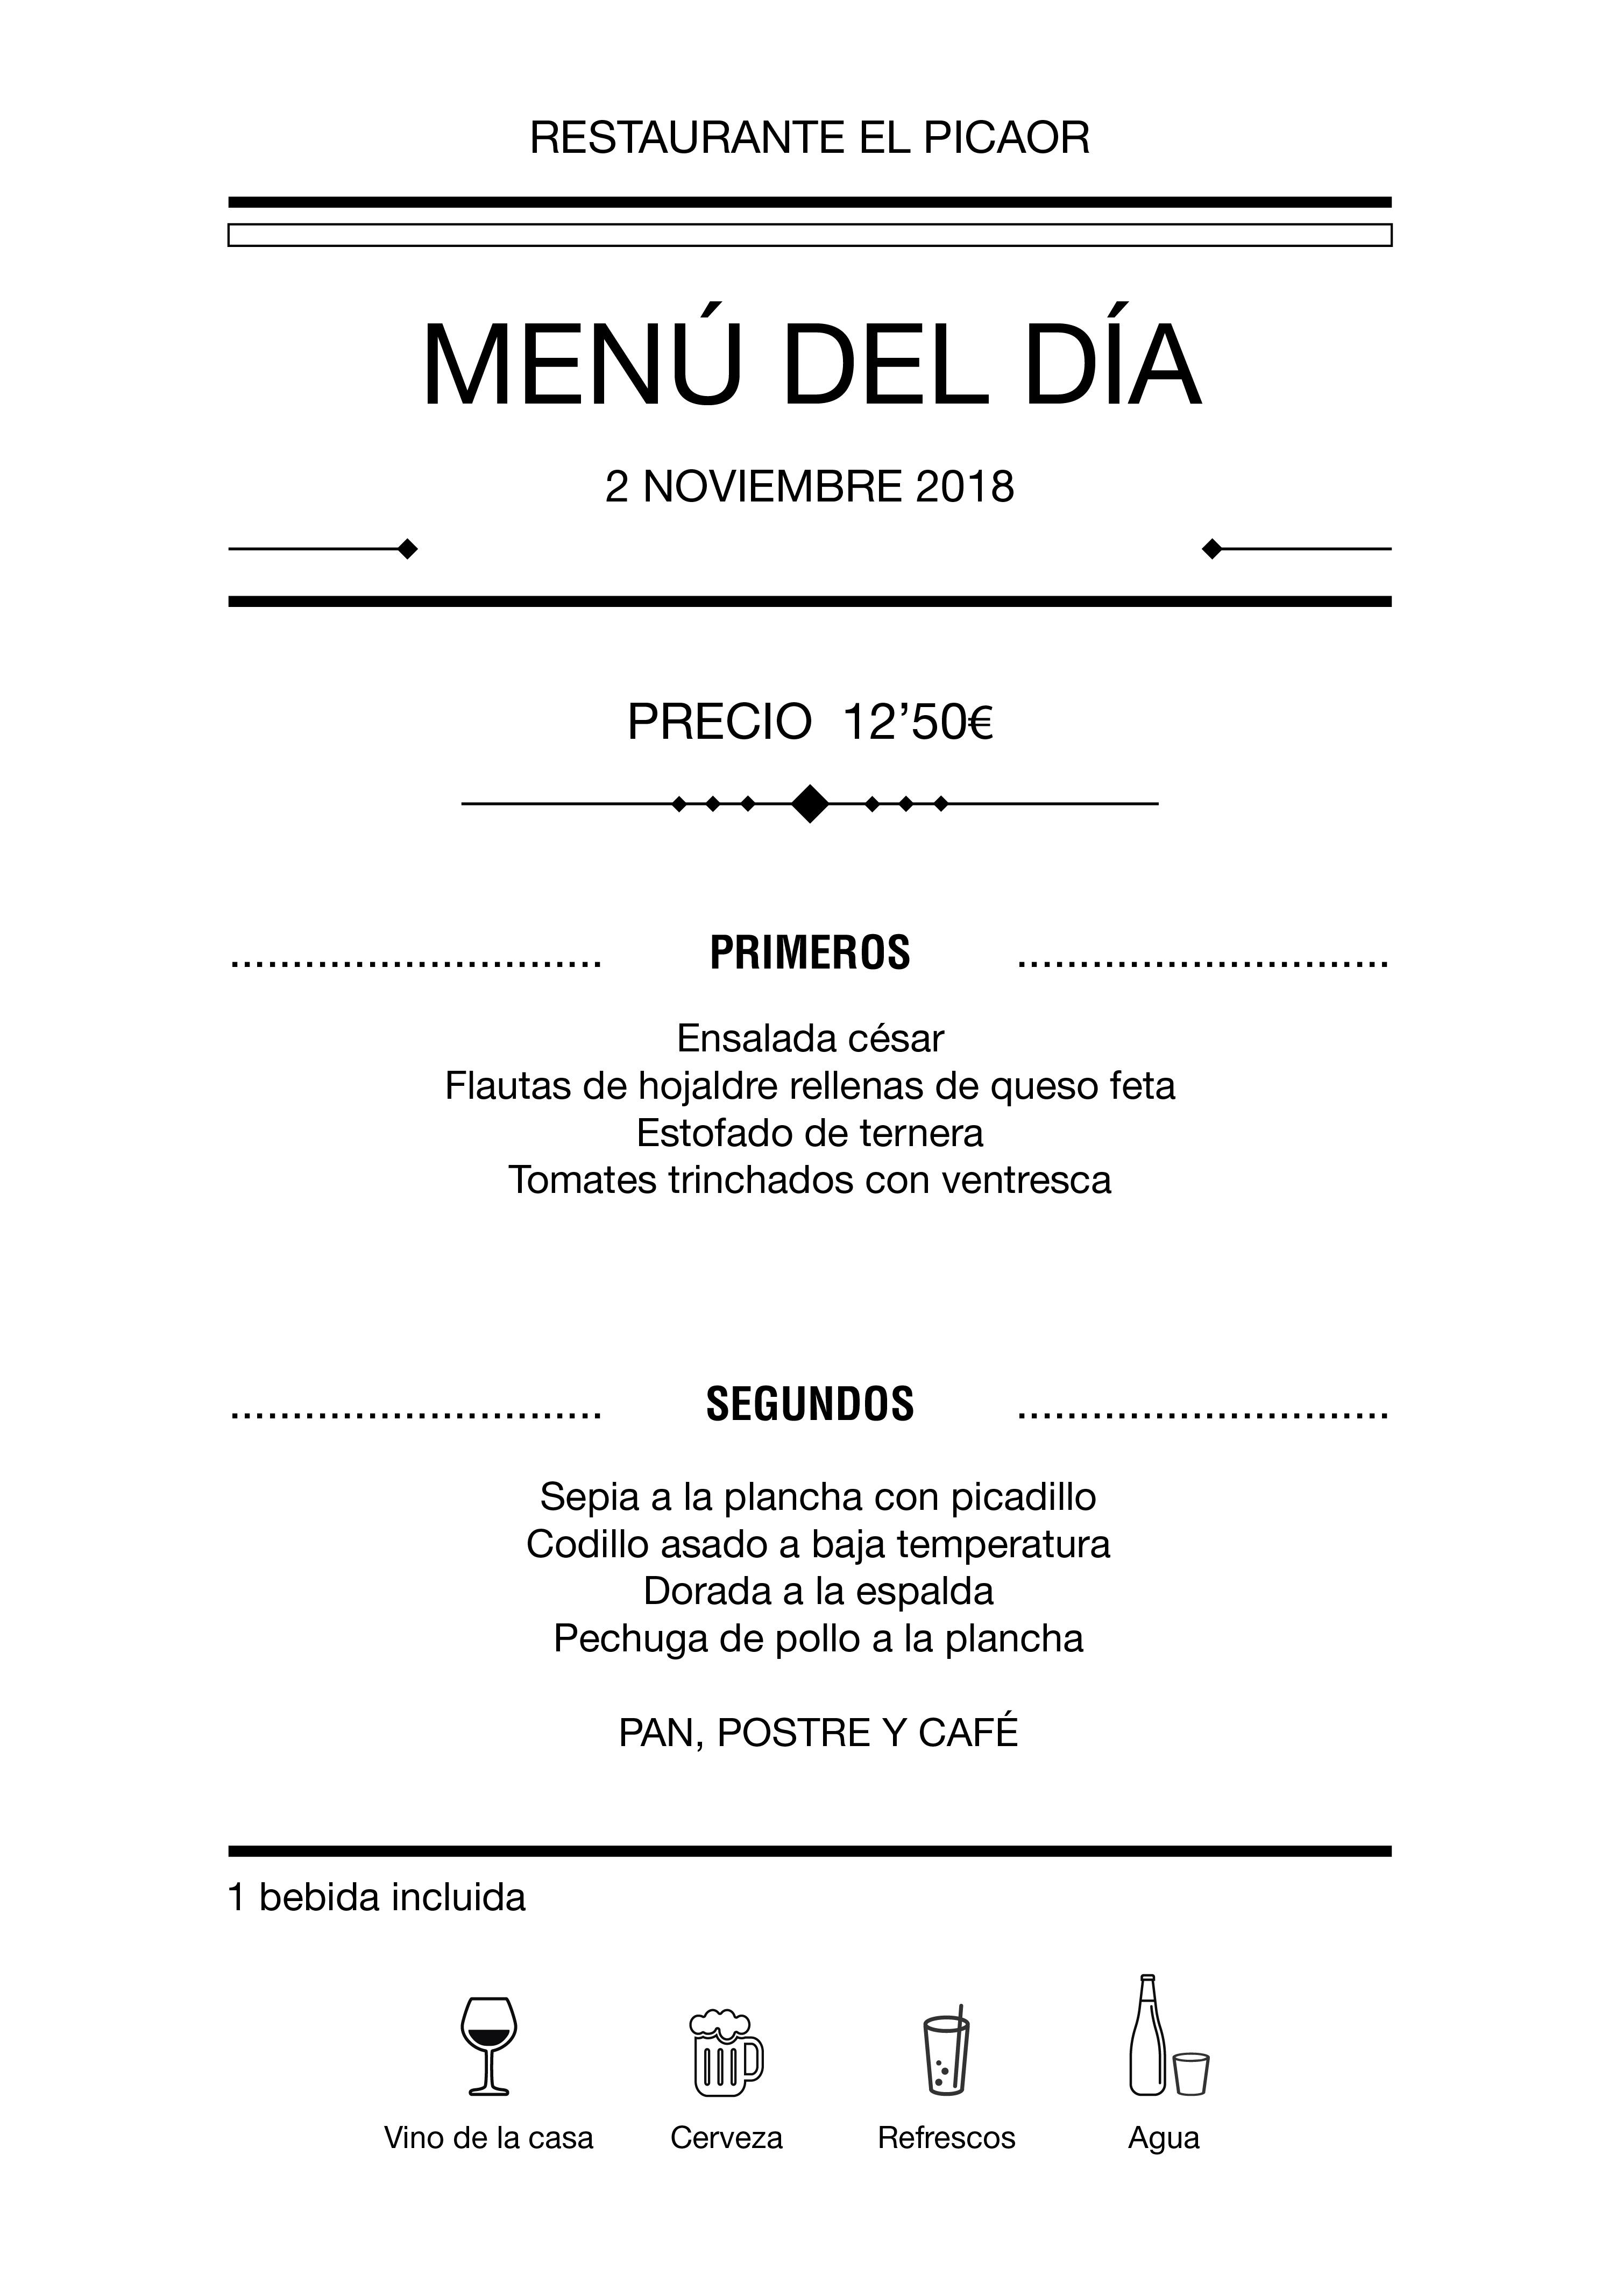 Menú diario El Picaor 02/11/18